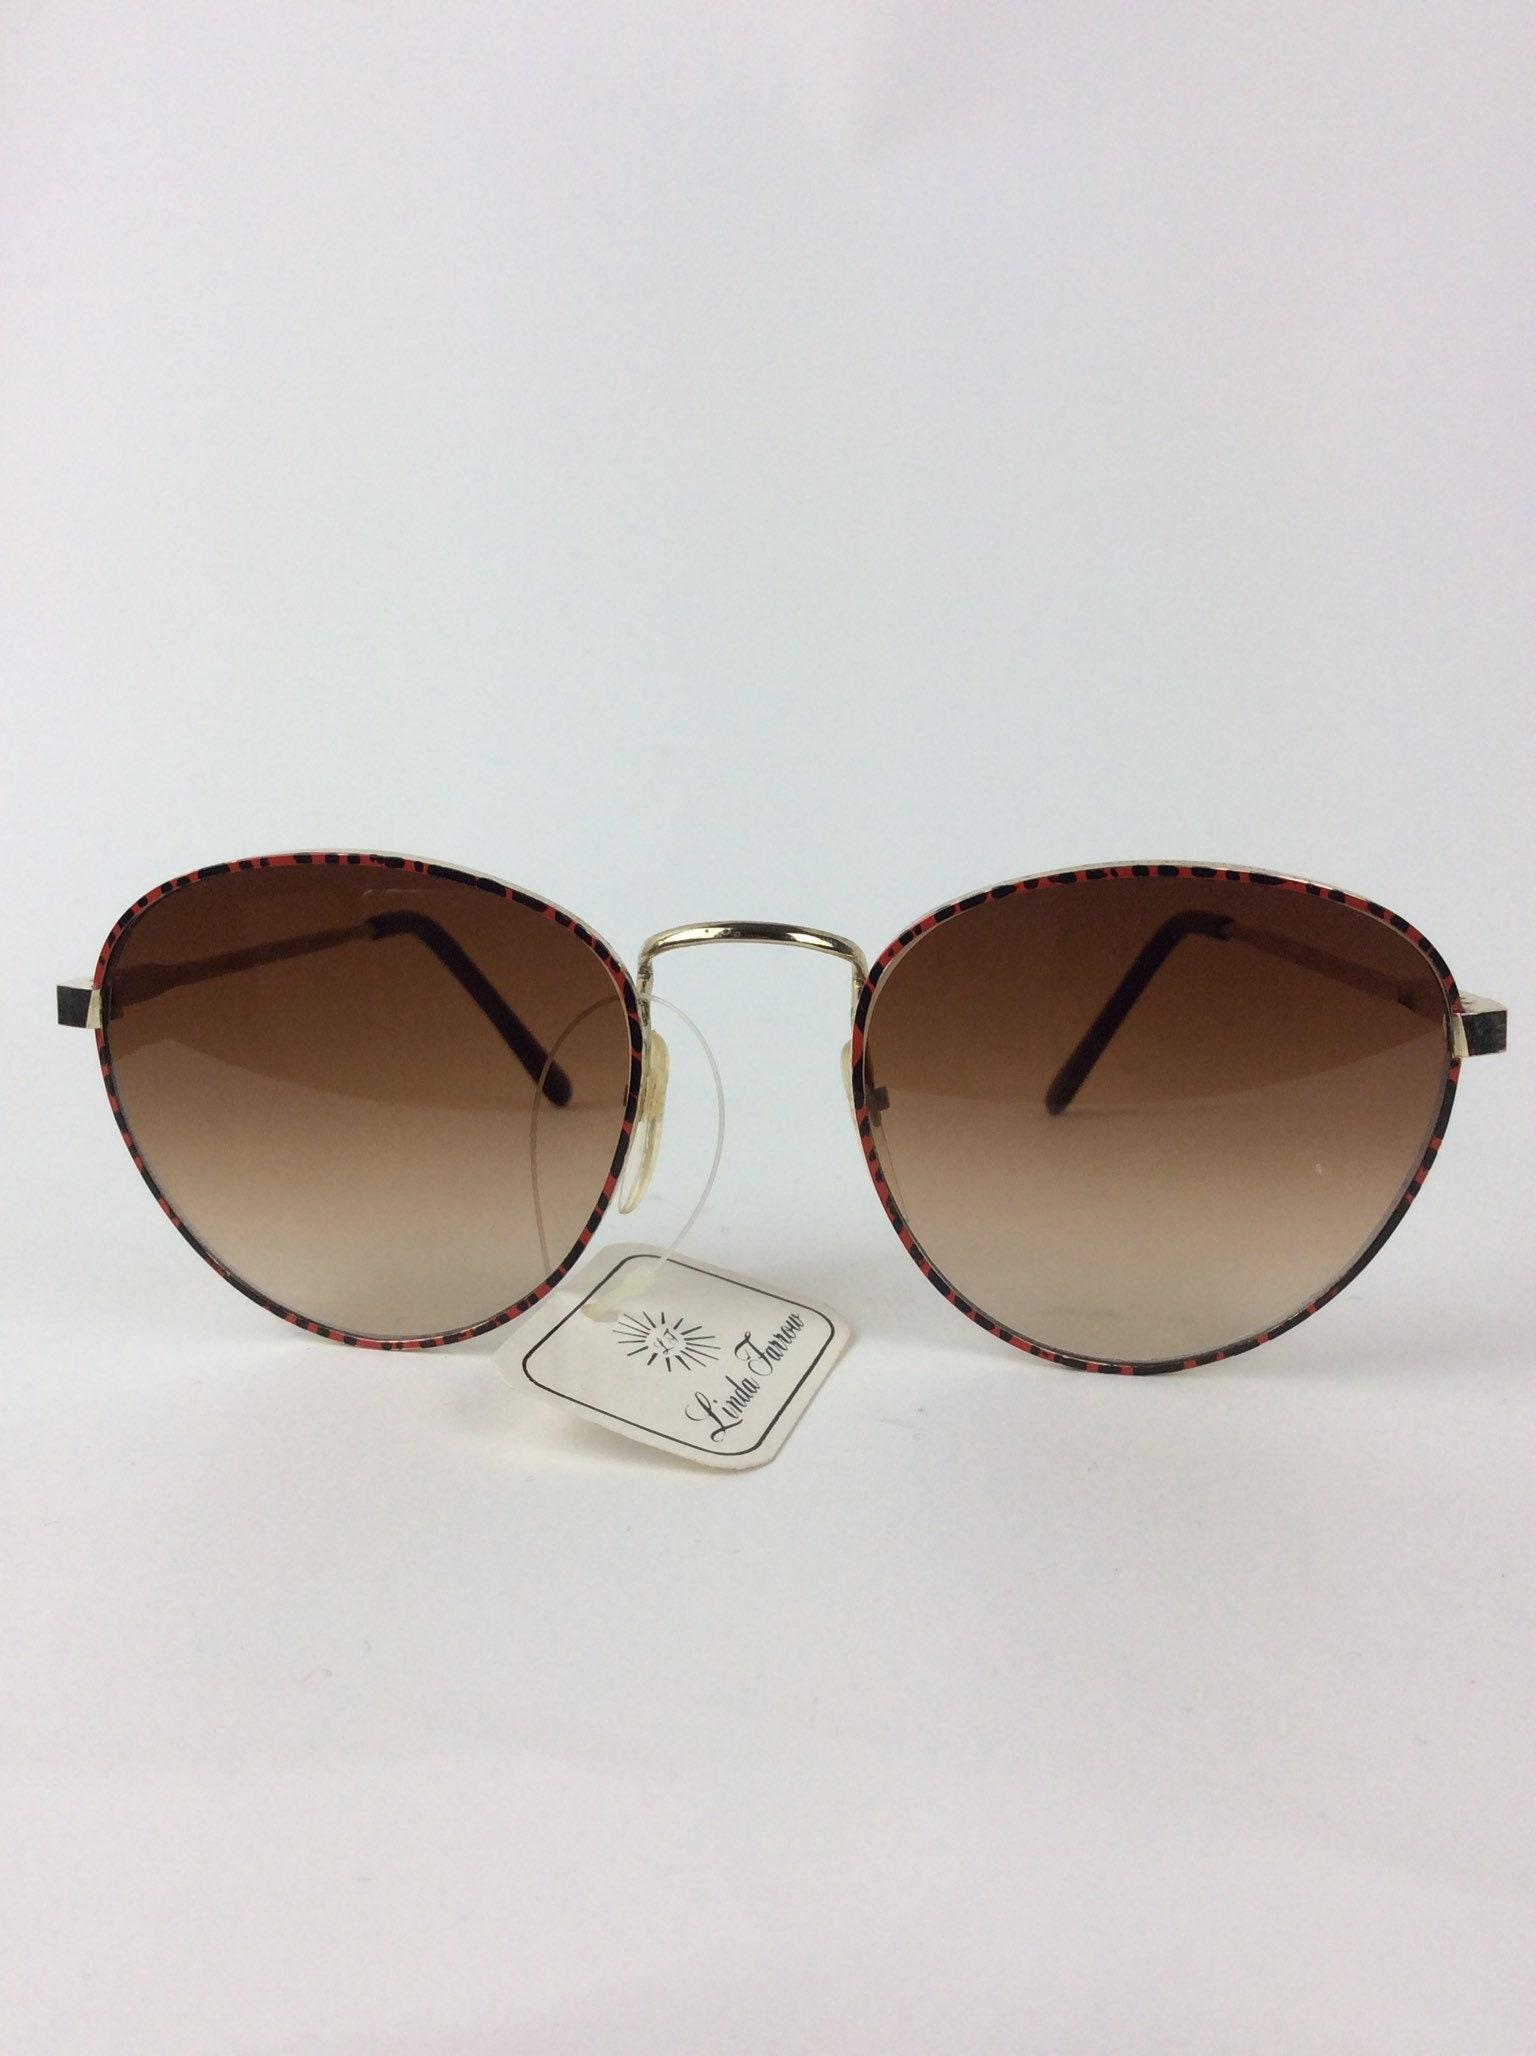 Gafas de sol vintage  gafas de sol rojas y negras  70s